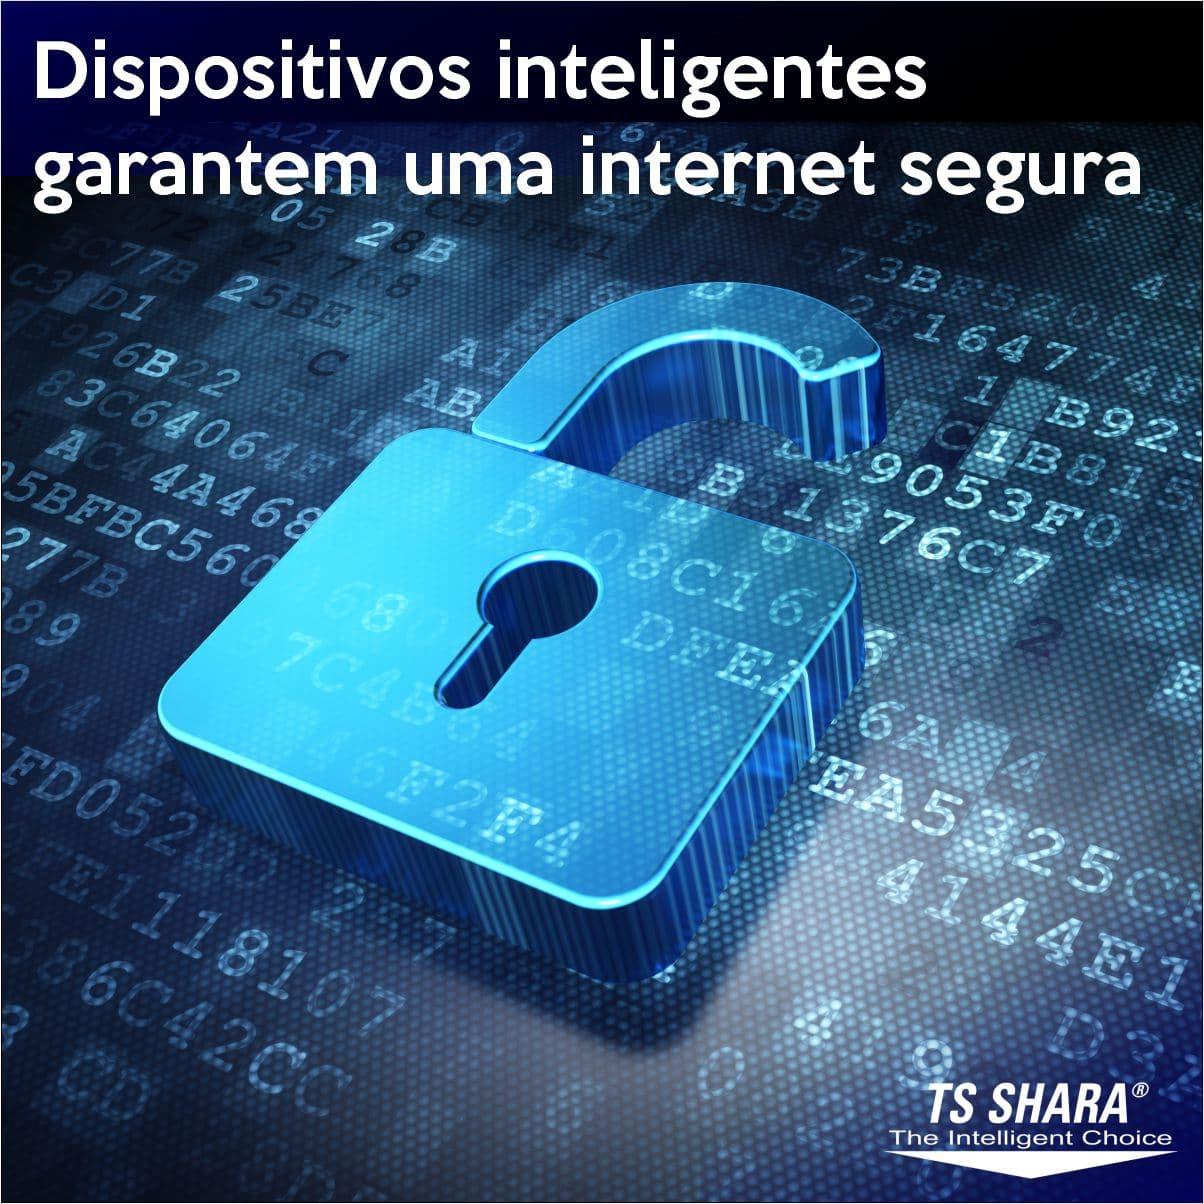 Dispositivos inteligentes garantem uma internet segura